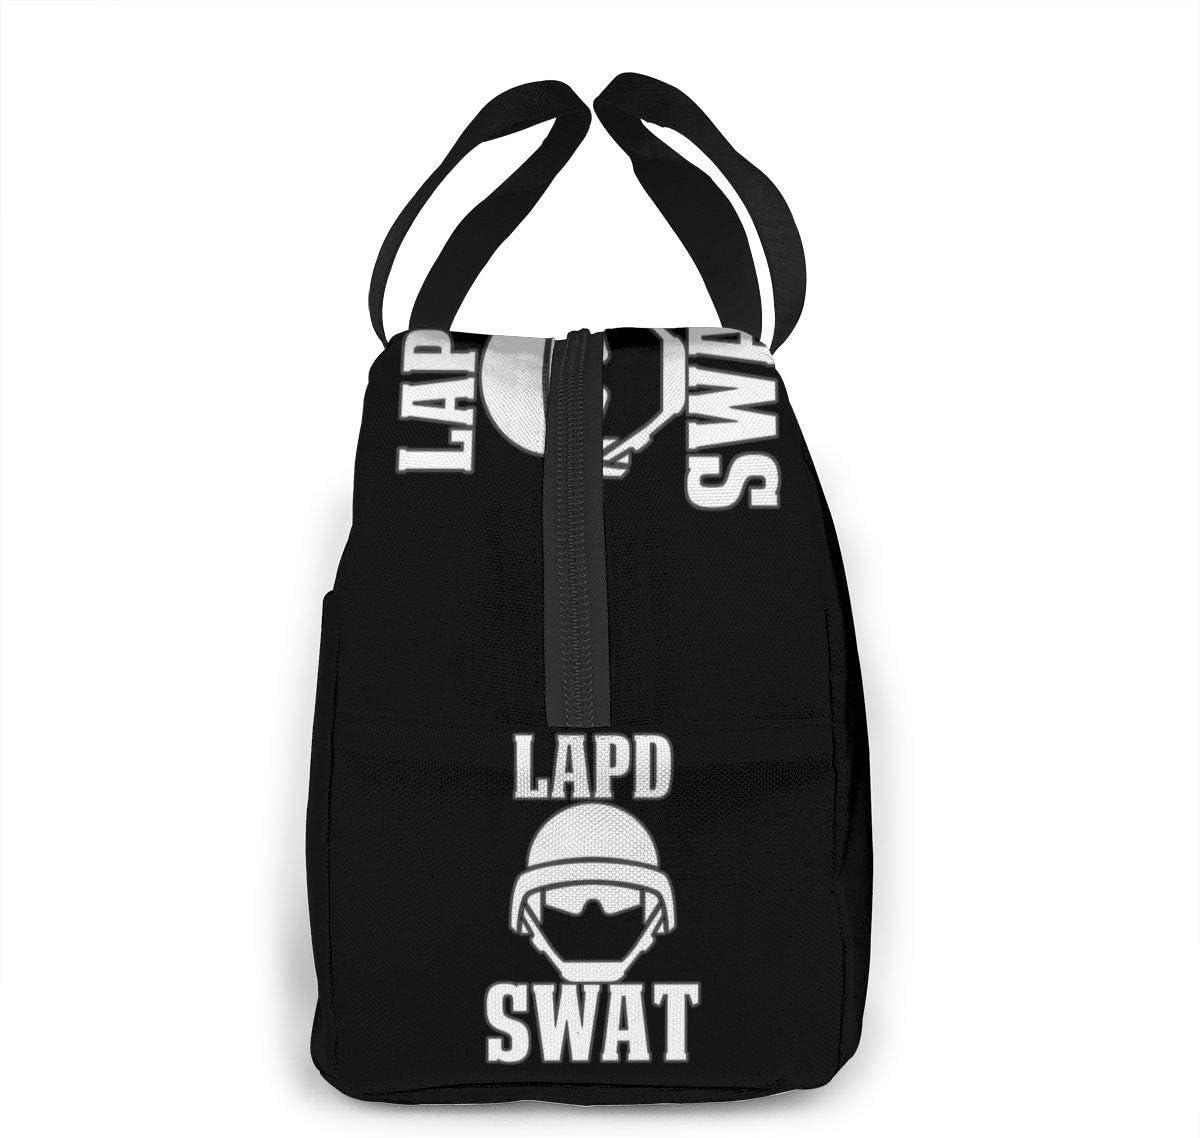 ChaojudingH LAPD Bolsa del almuerzo Bolsa de enfriamiento Tote Insulated Caja de almuerzo Thermal Bolsa del almuerzo For Women//Picnic//Boating//Fishing//Work